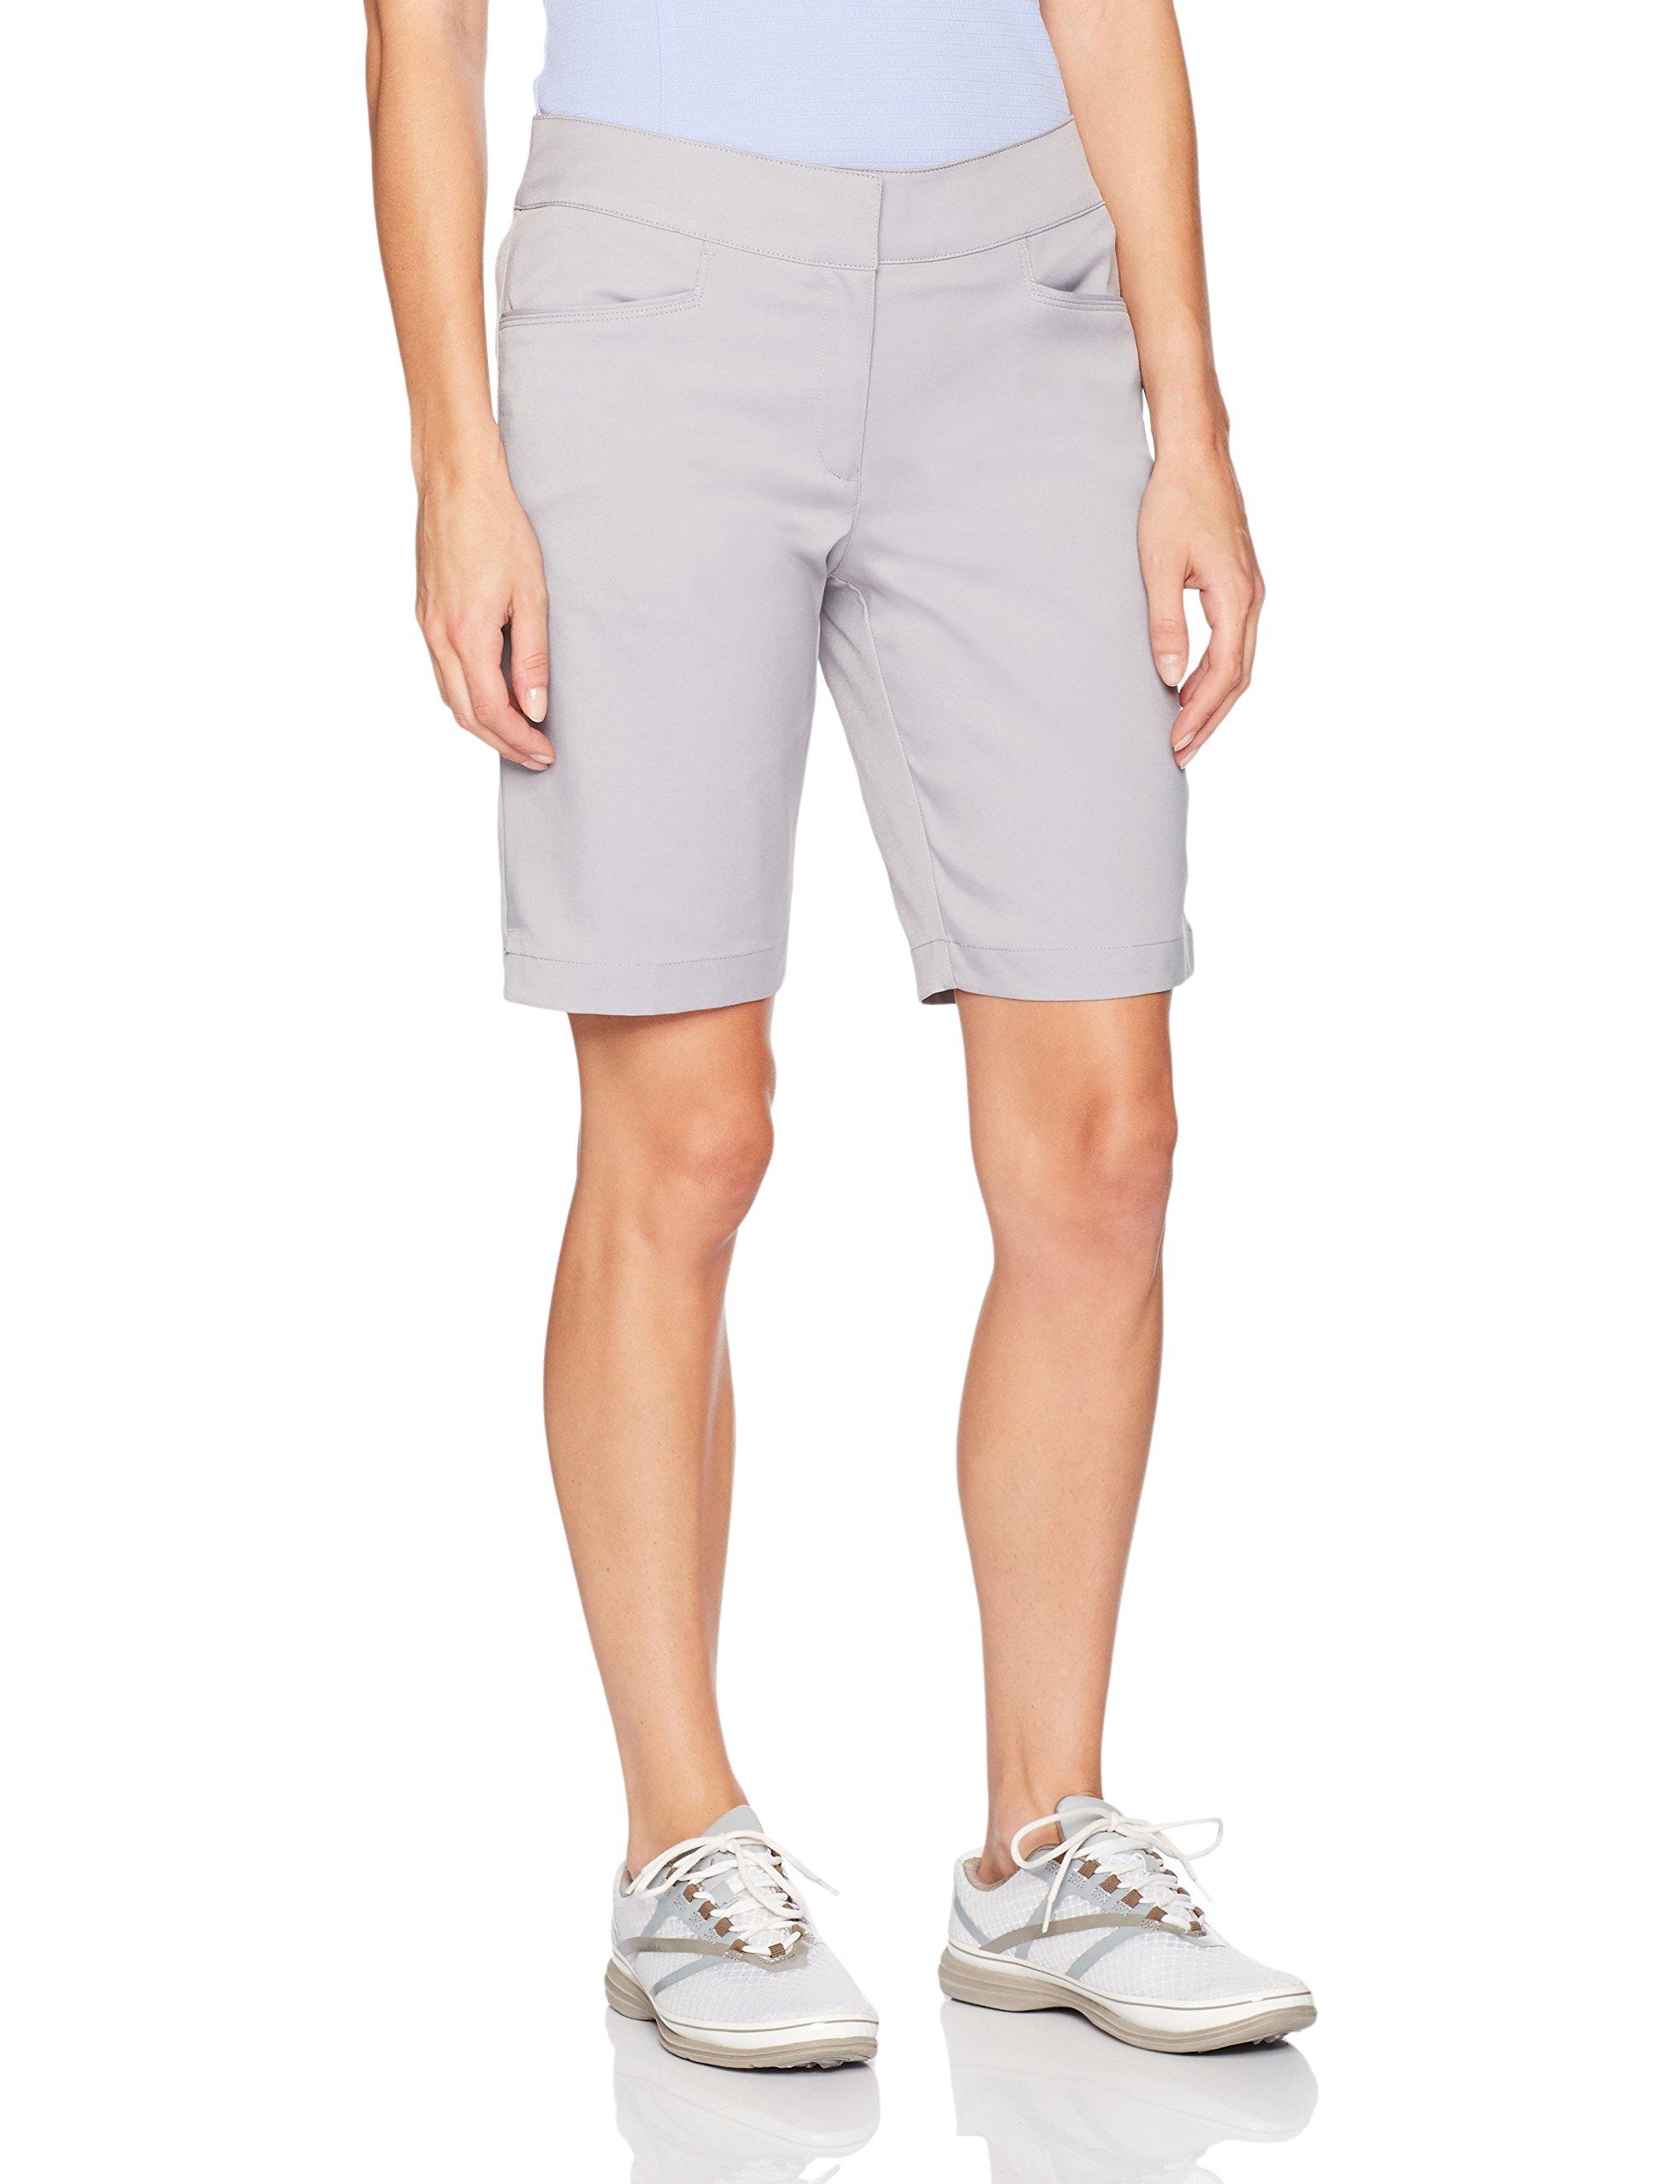 PGA TOUR Women's Plus Size Motionflux 19'' Tech Short with Comfort Stretch, Caviar, 18